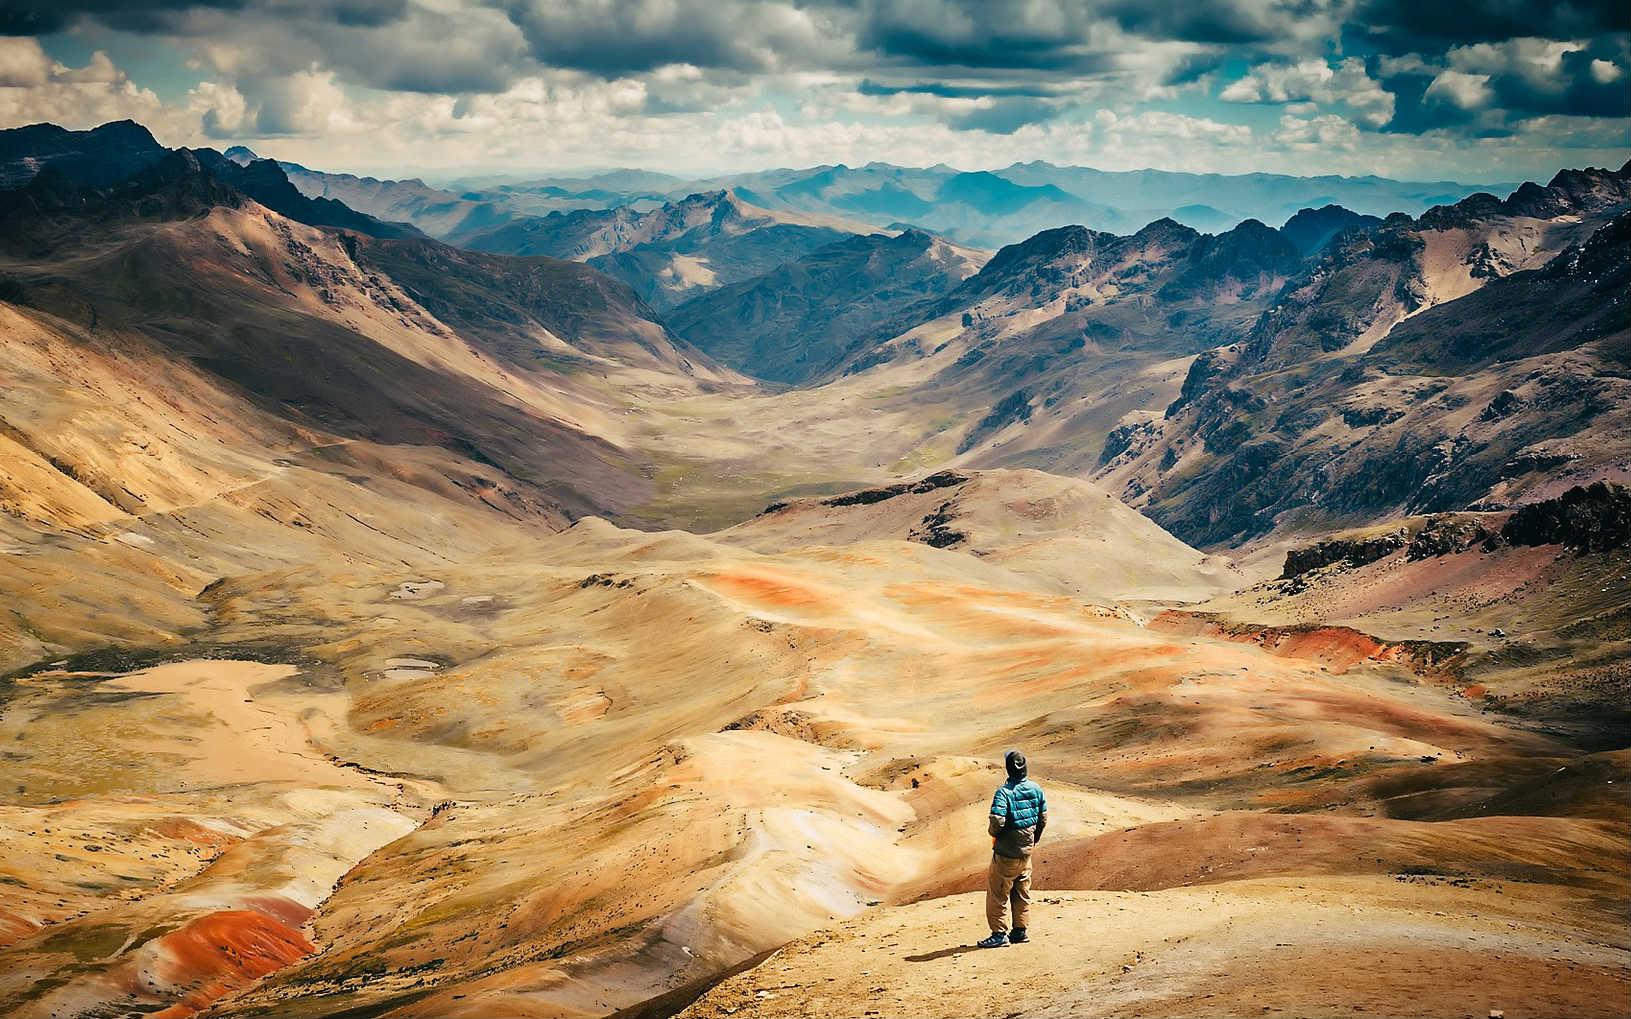 Ontdek het avontuurlijke Zuid-Amerika